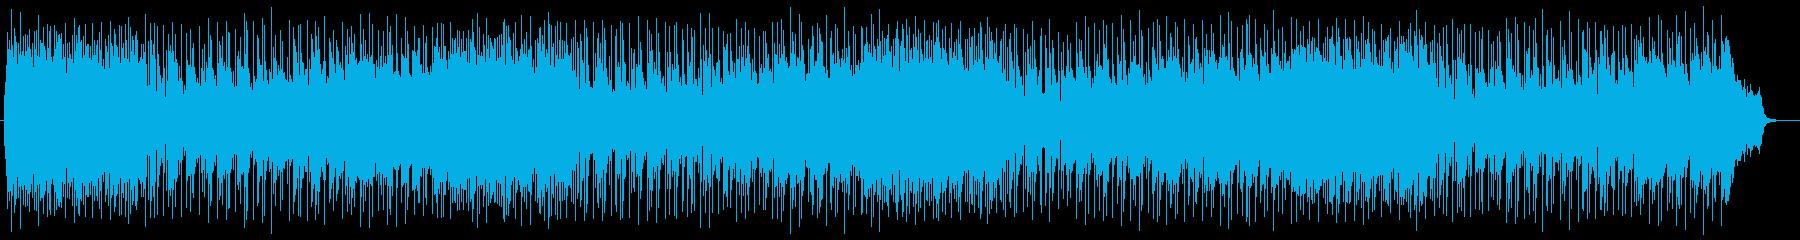 明るく爽やかでリズミカルなテクノの再生済みの波形